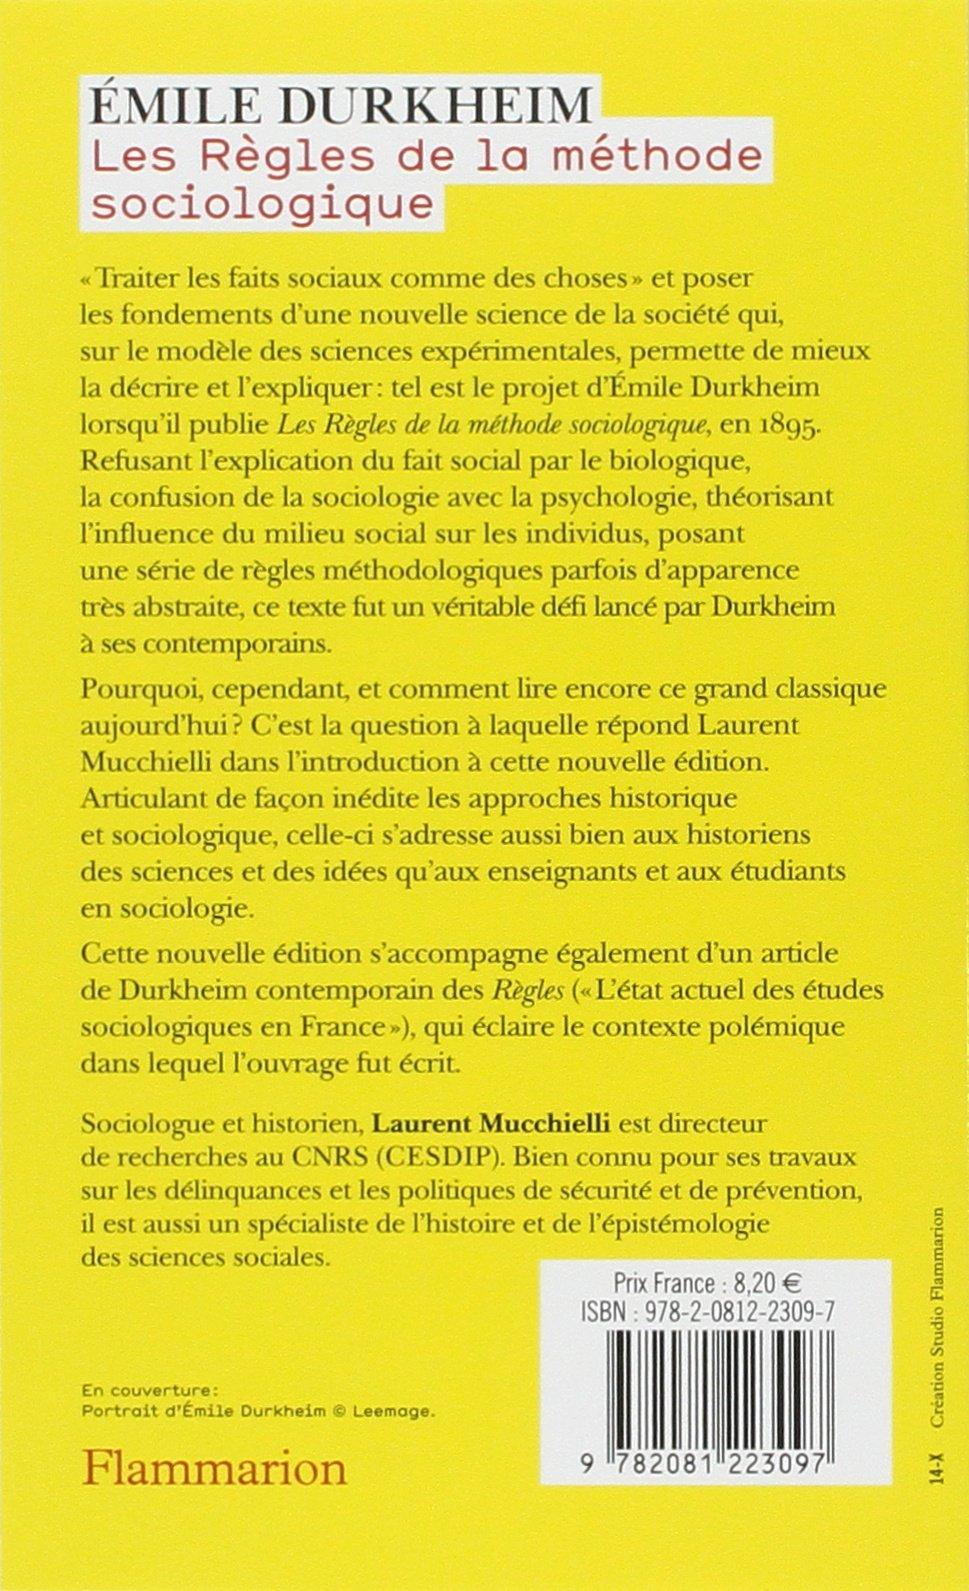 """Résultat de recherche d'images pour """"emile durkheim les règles de la méthode sociologique"""""""